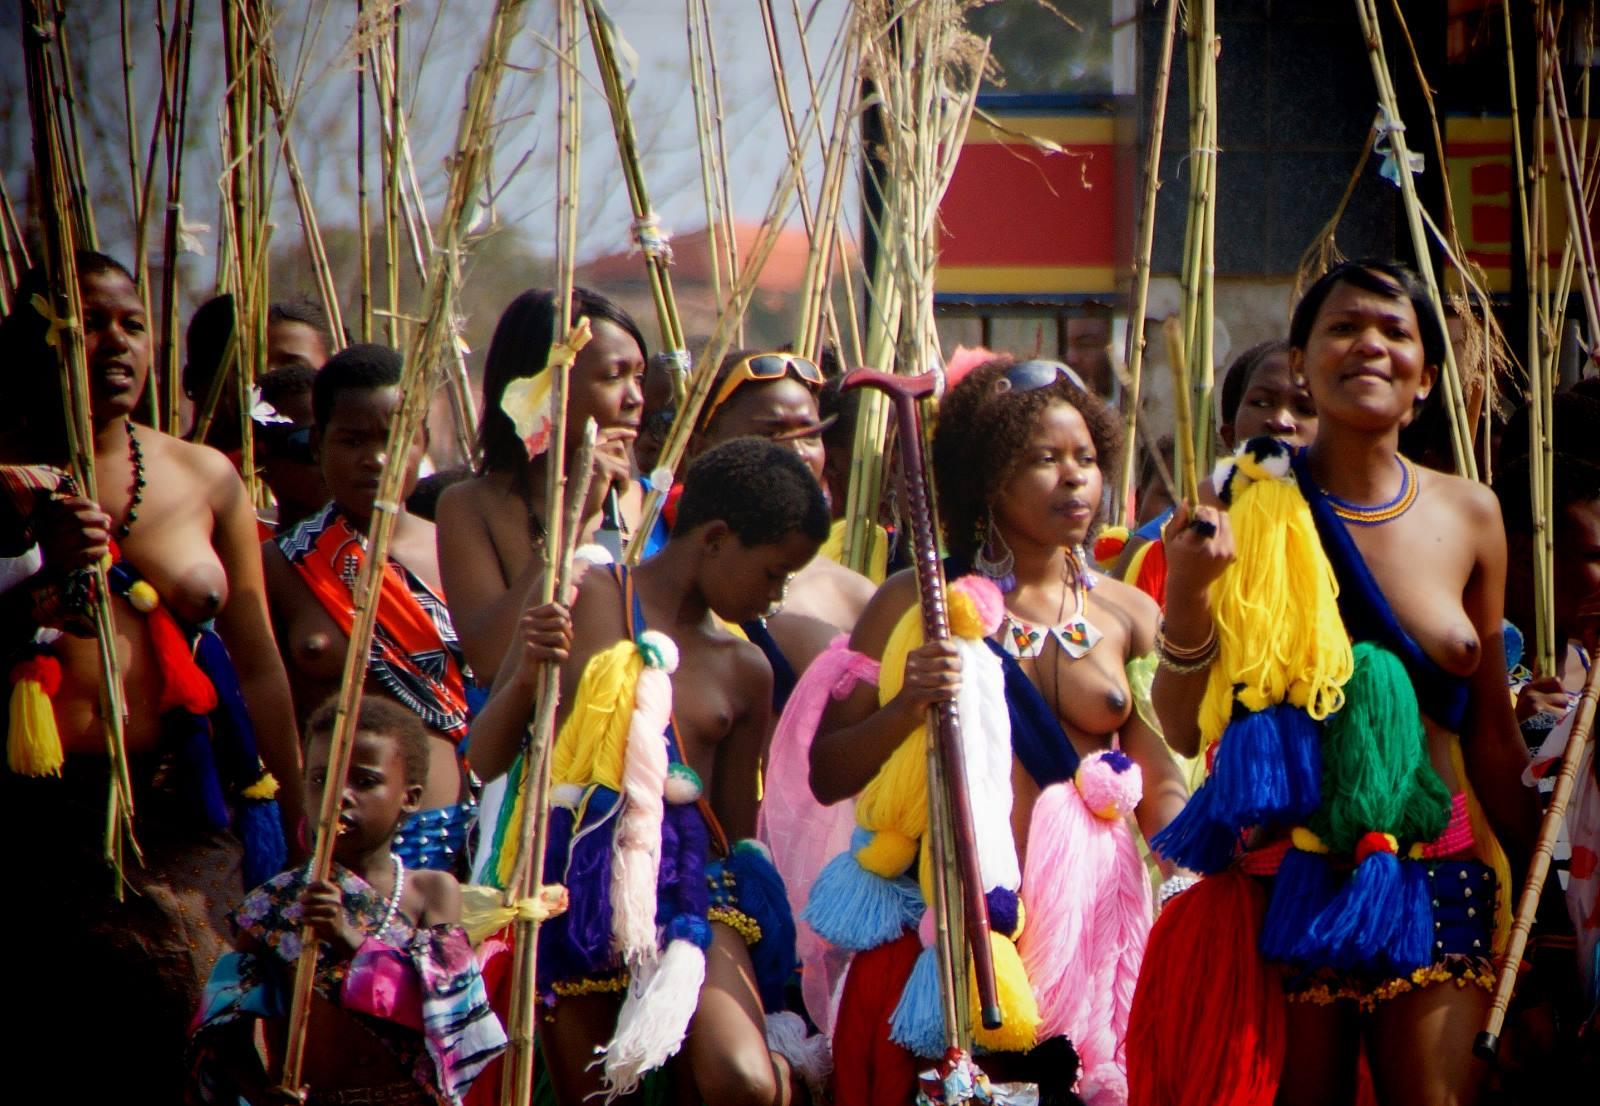 Umhlanga Reed Dance, Swaziland, Südliches Afrika, Ezulwini, King Mswetu